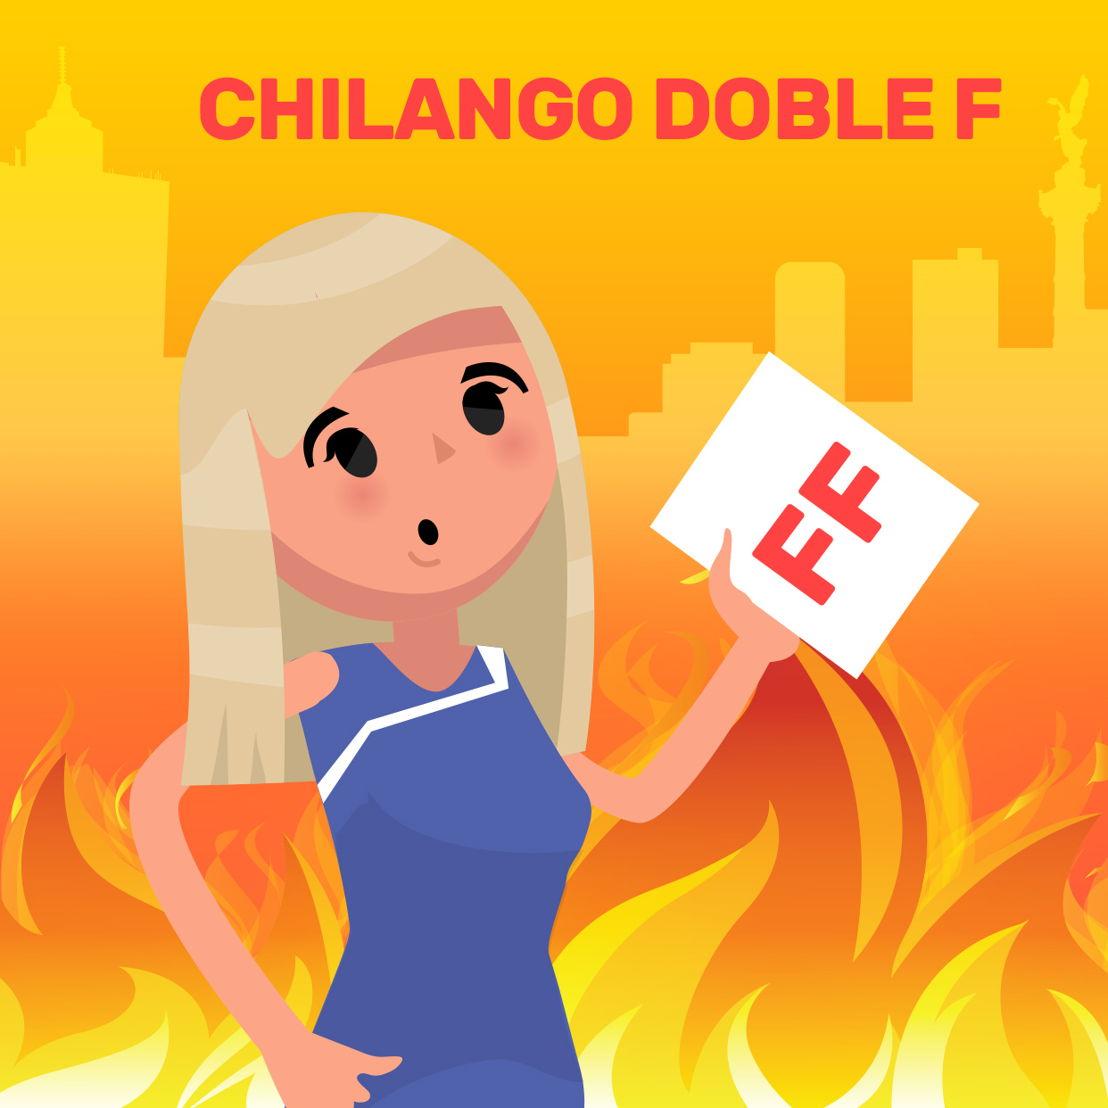 CHILANGO DOBLE F